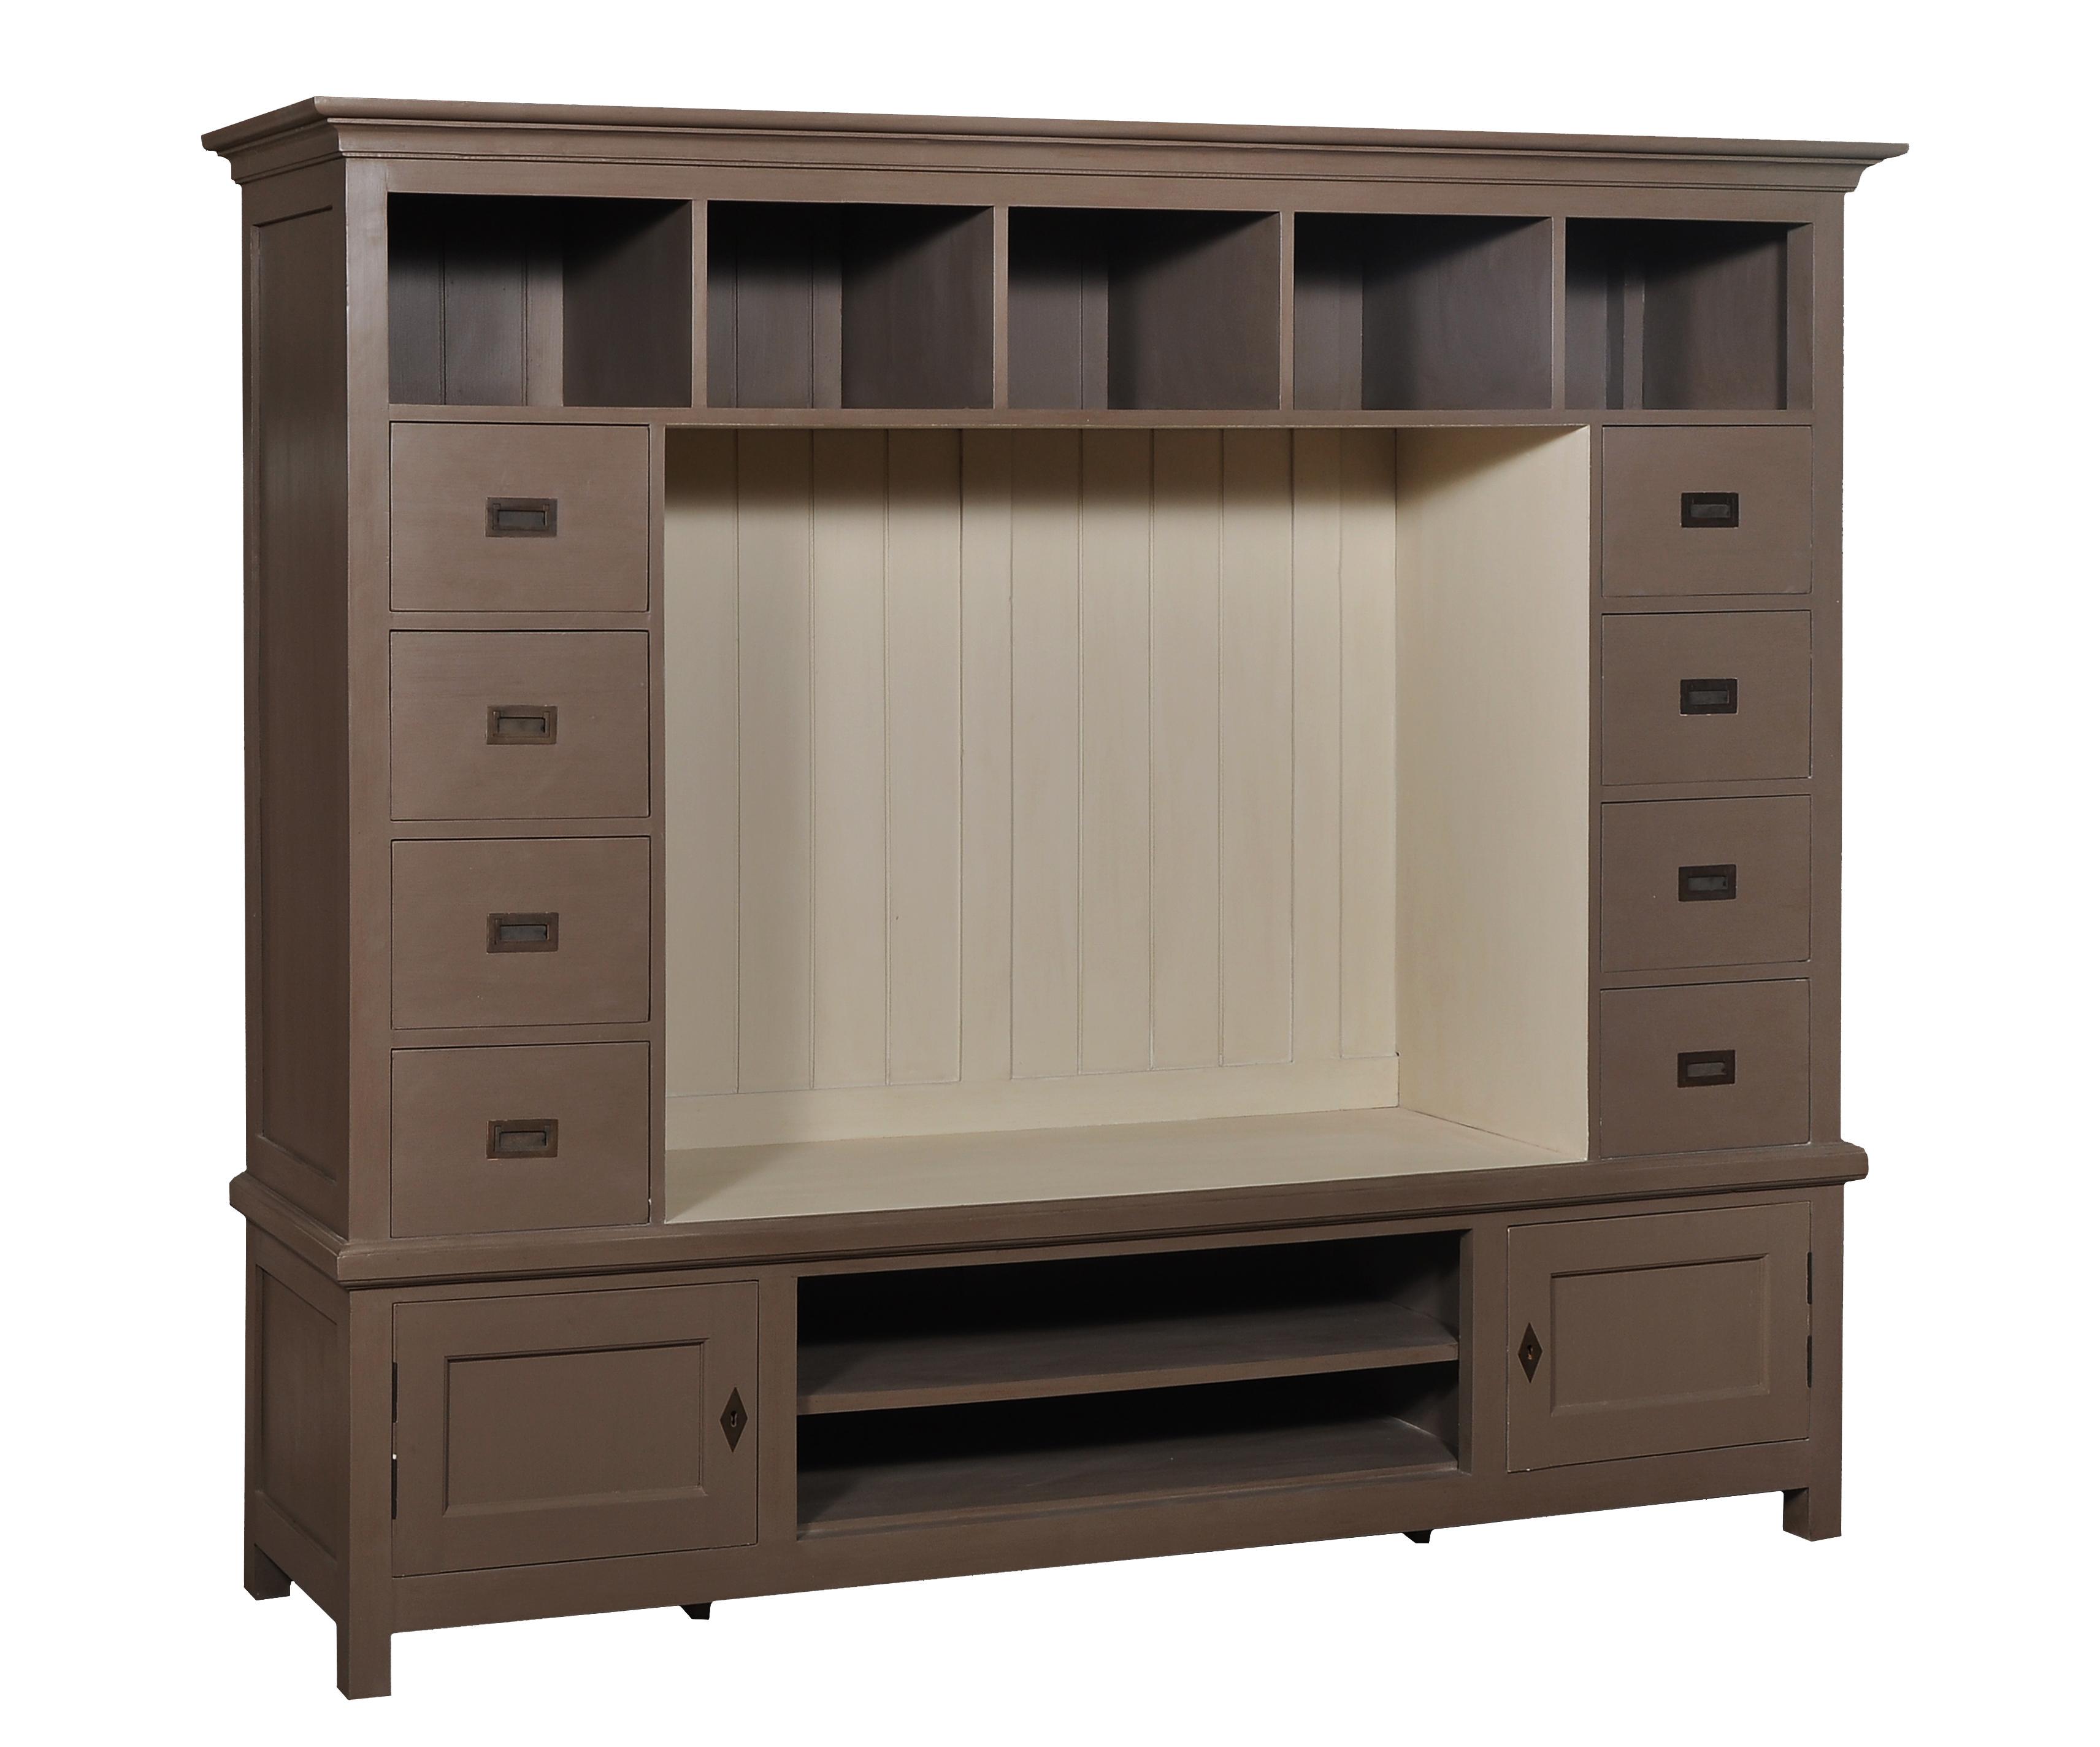 boekenkast met tv gedeelte in taupewit